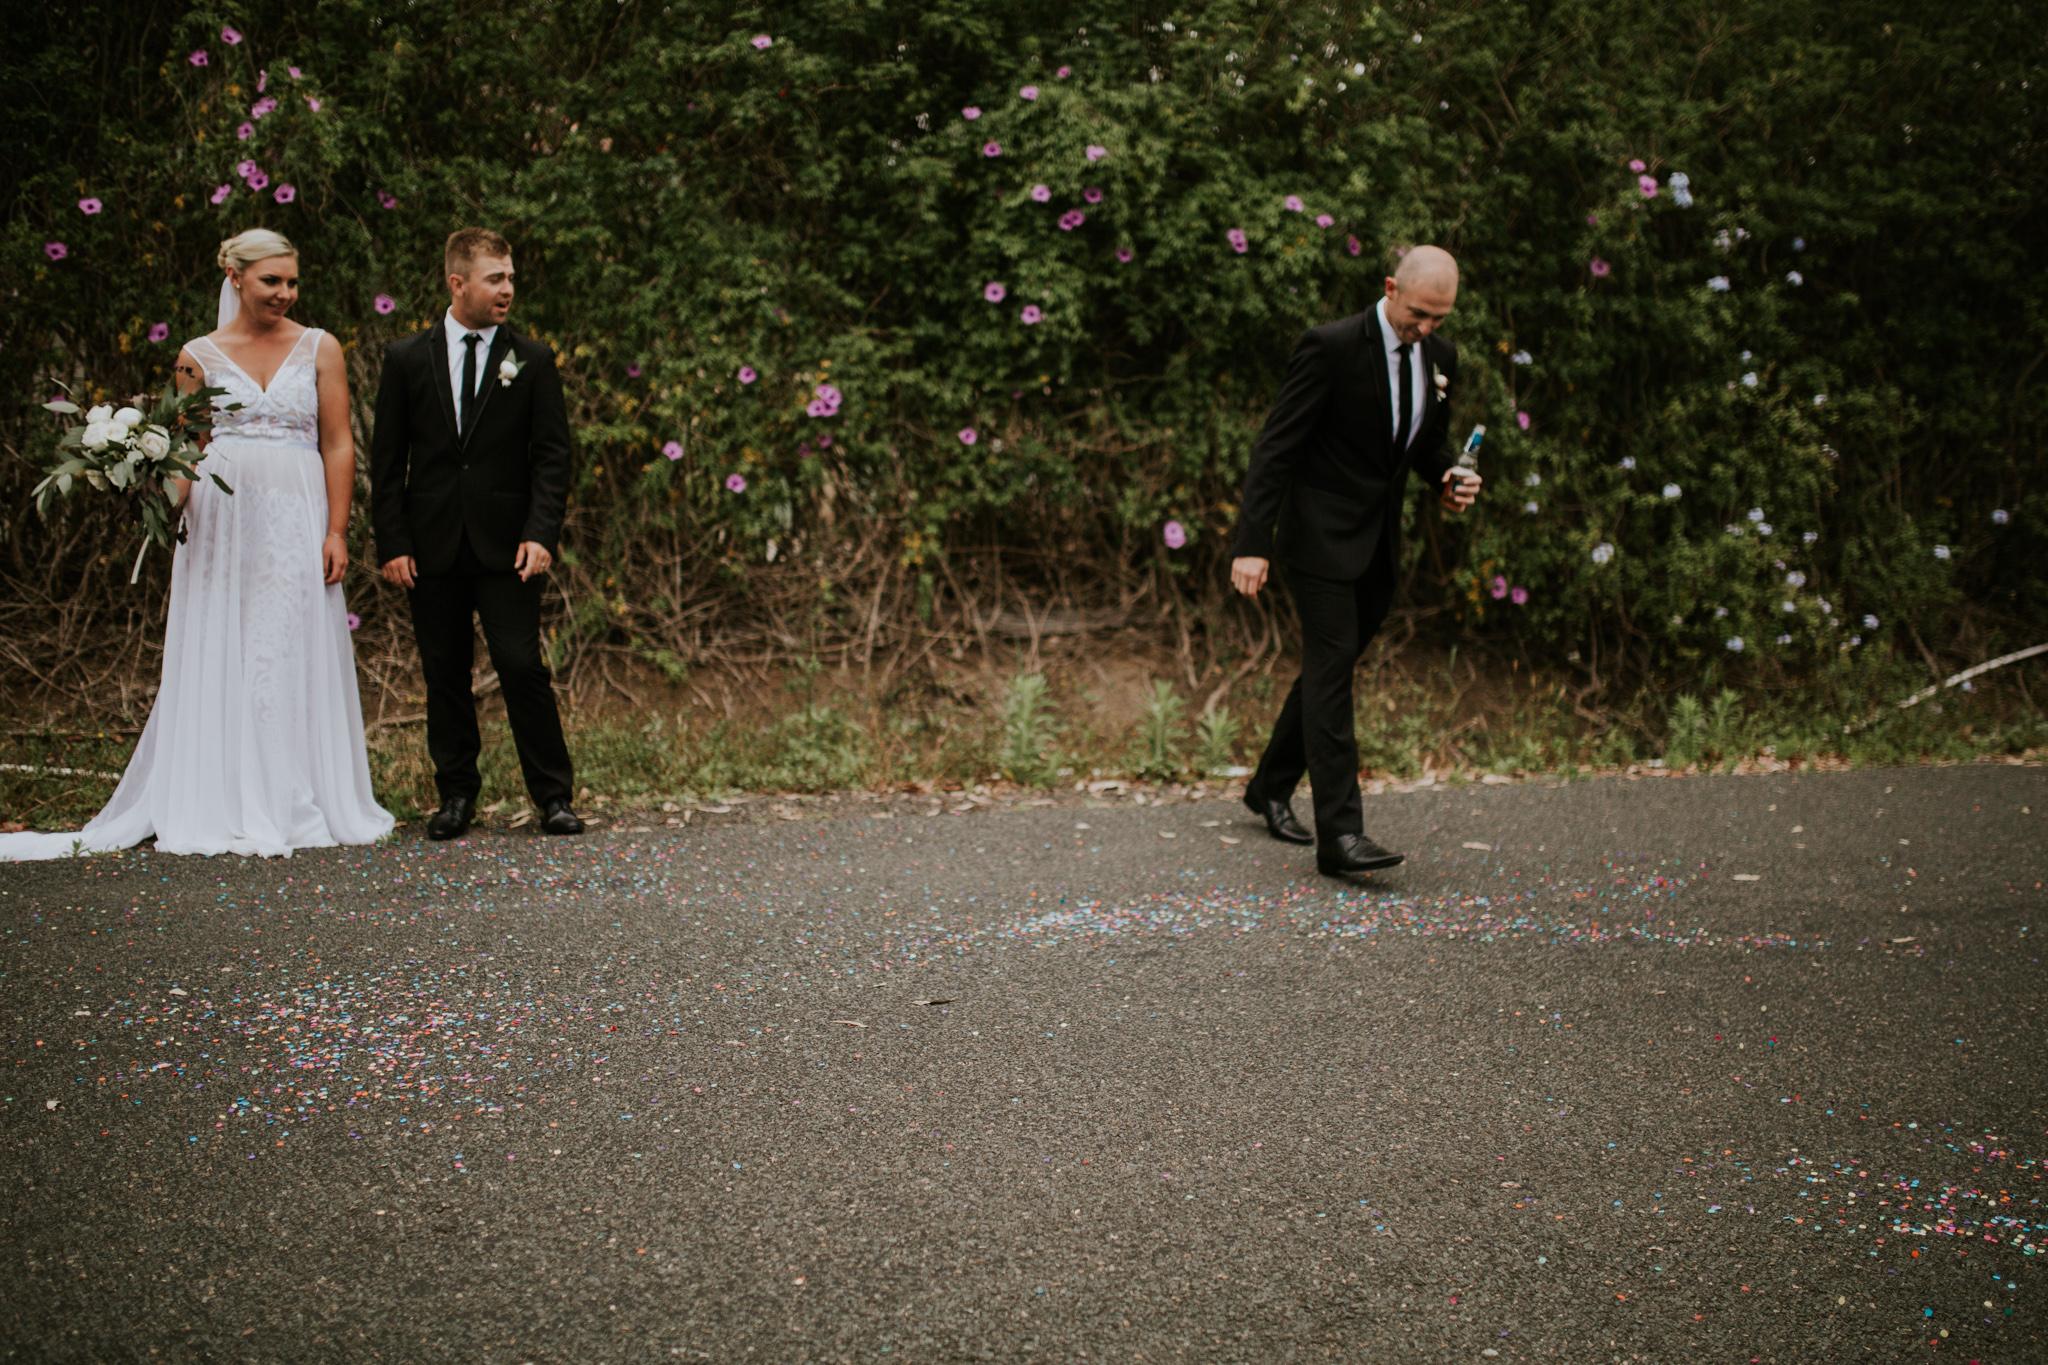 Lucy+Kyle+Kiama+Sebel+wedding-109.jpg